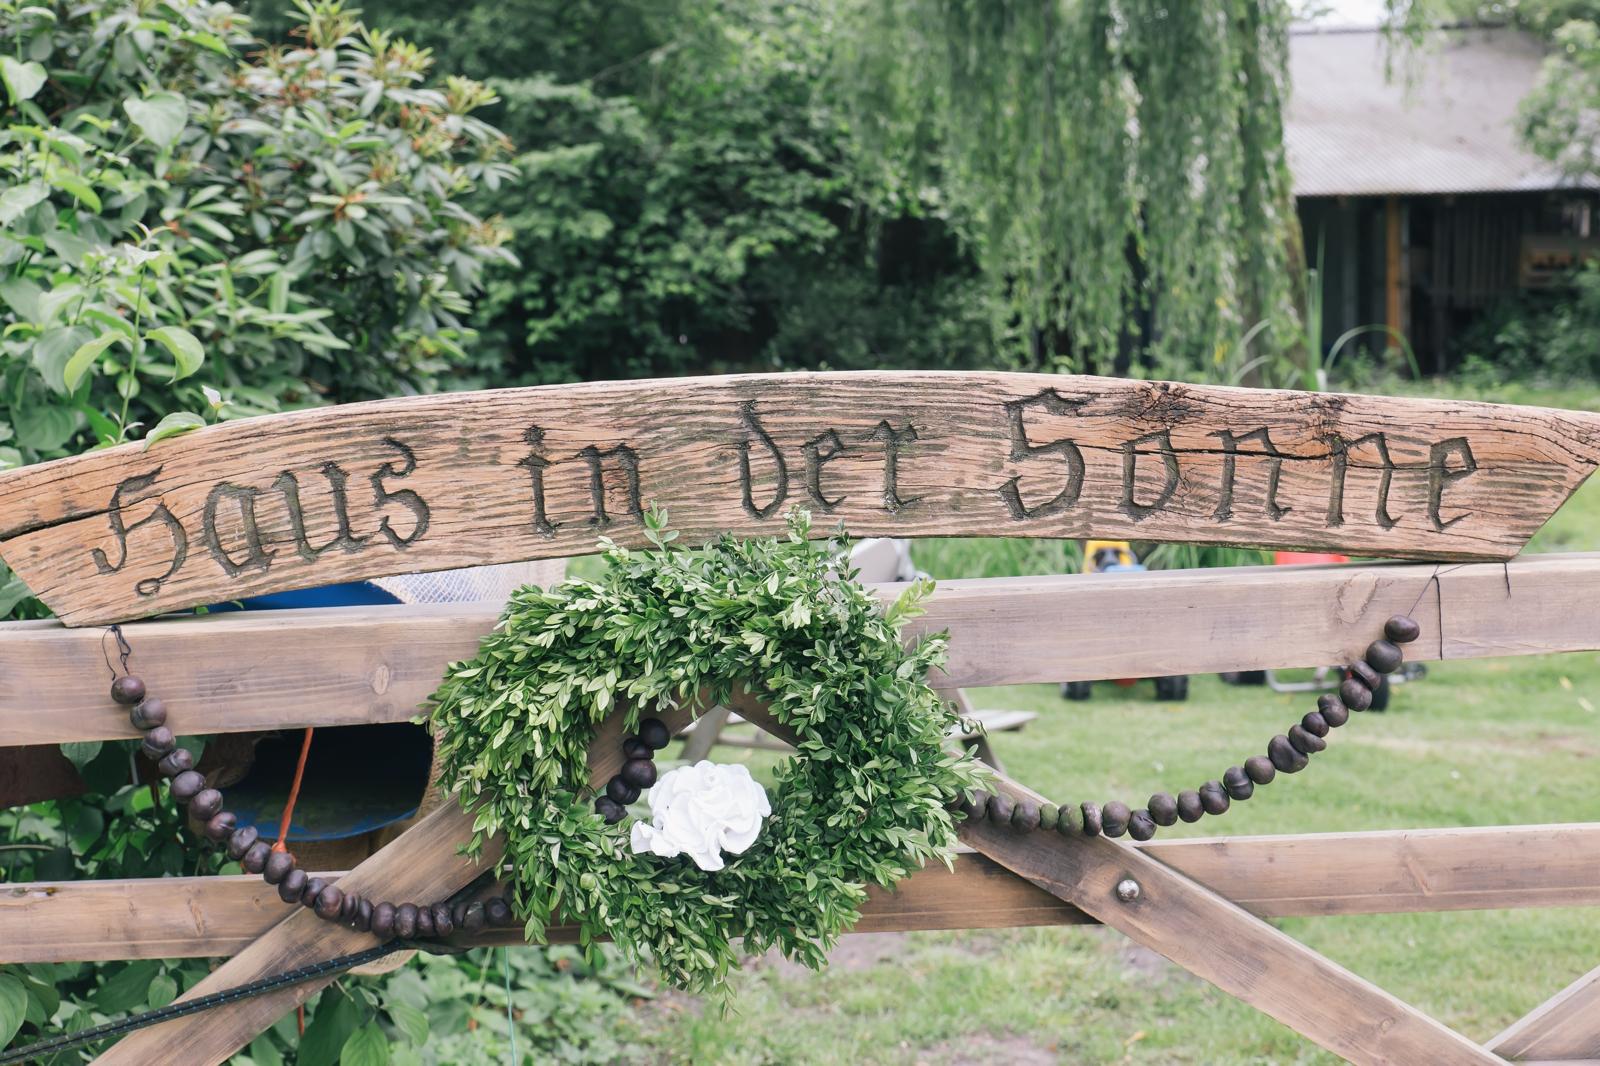 Monstergraphie_Hochzeitsreportage_Bottrop29.jpg?fit=1600%2C1066